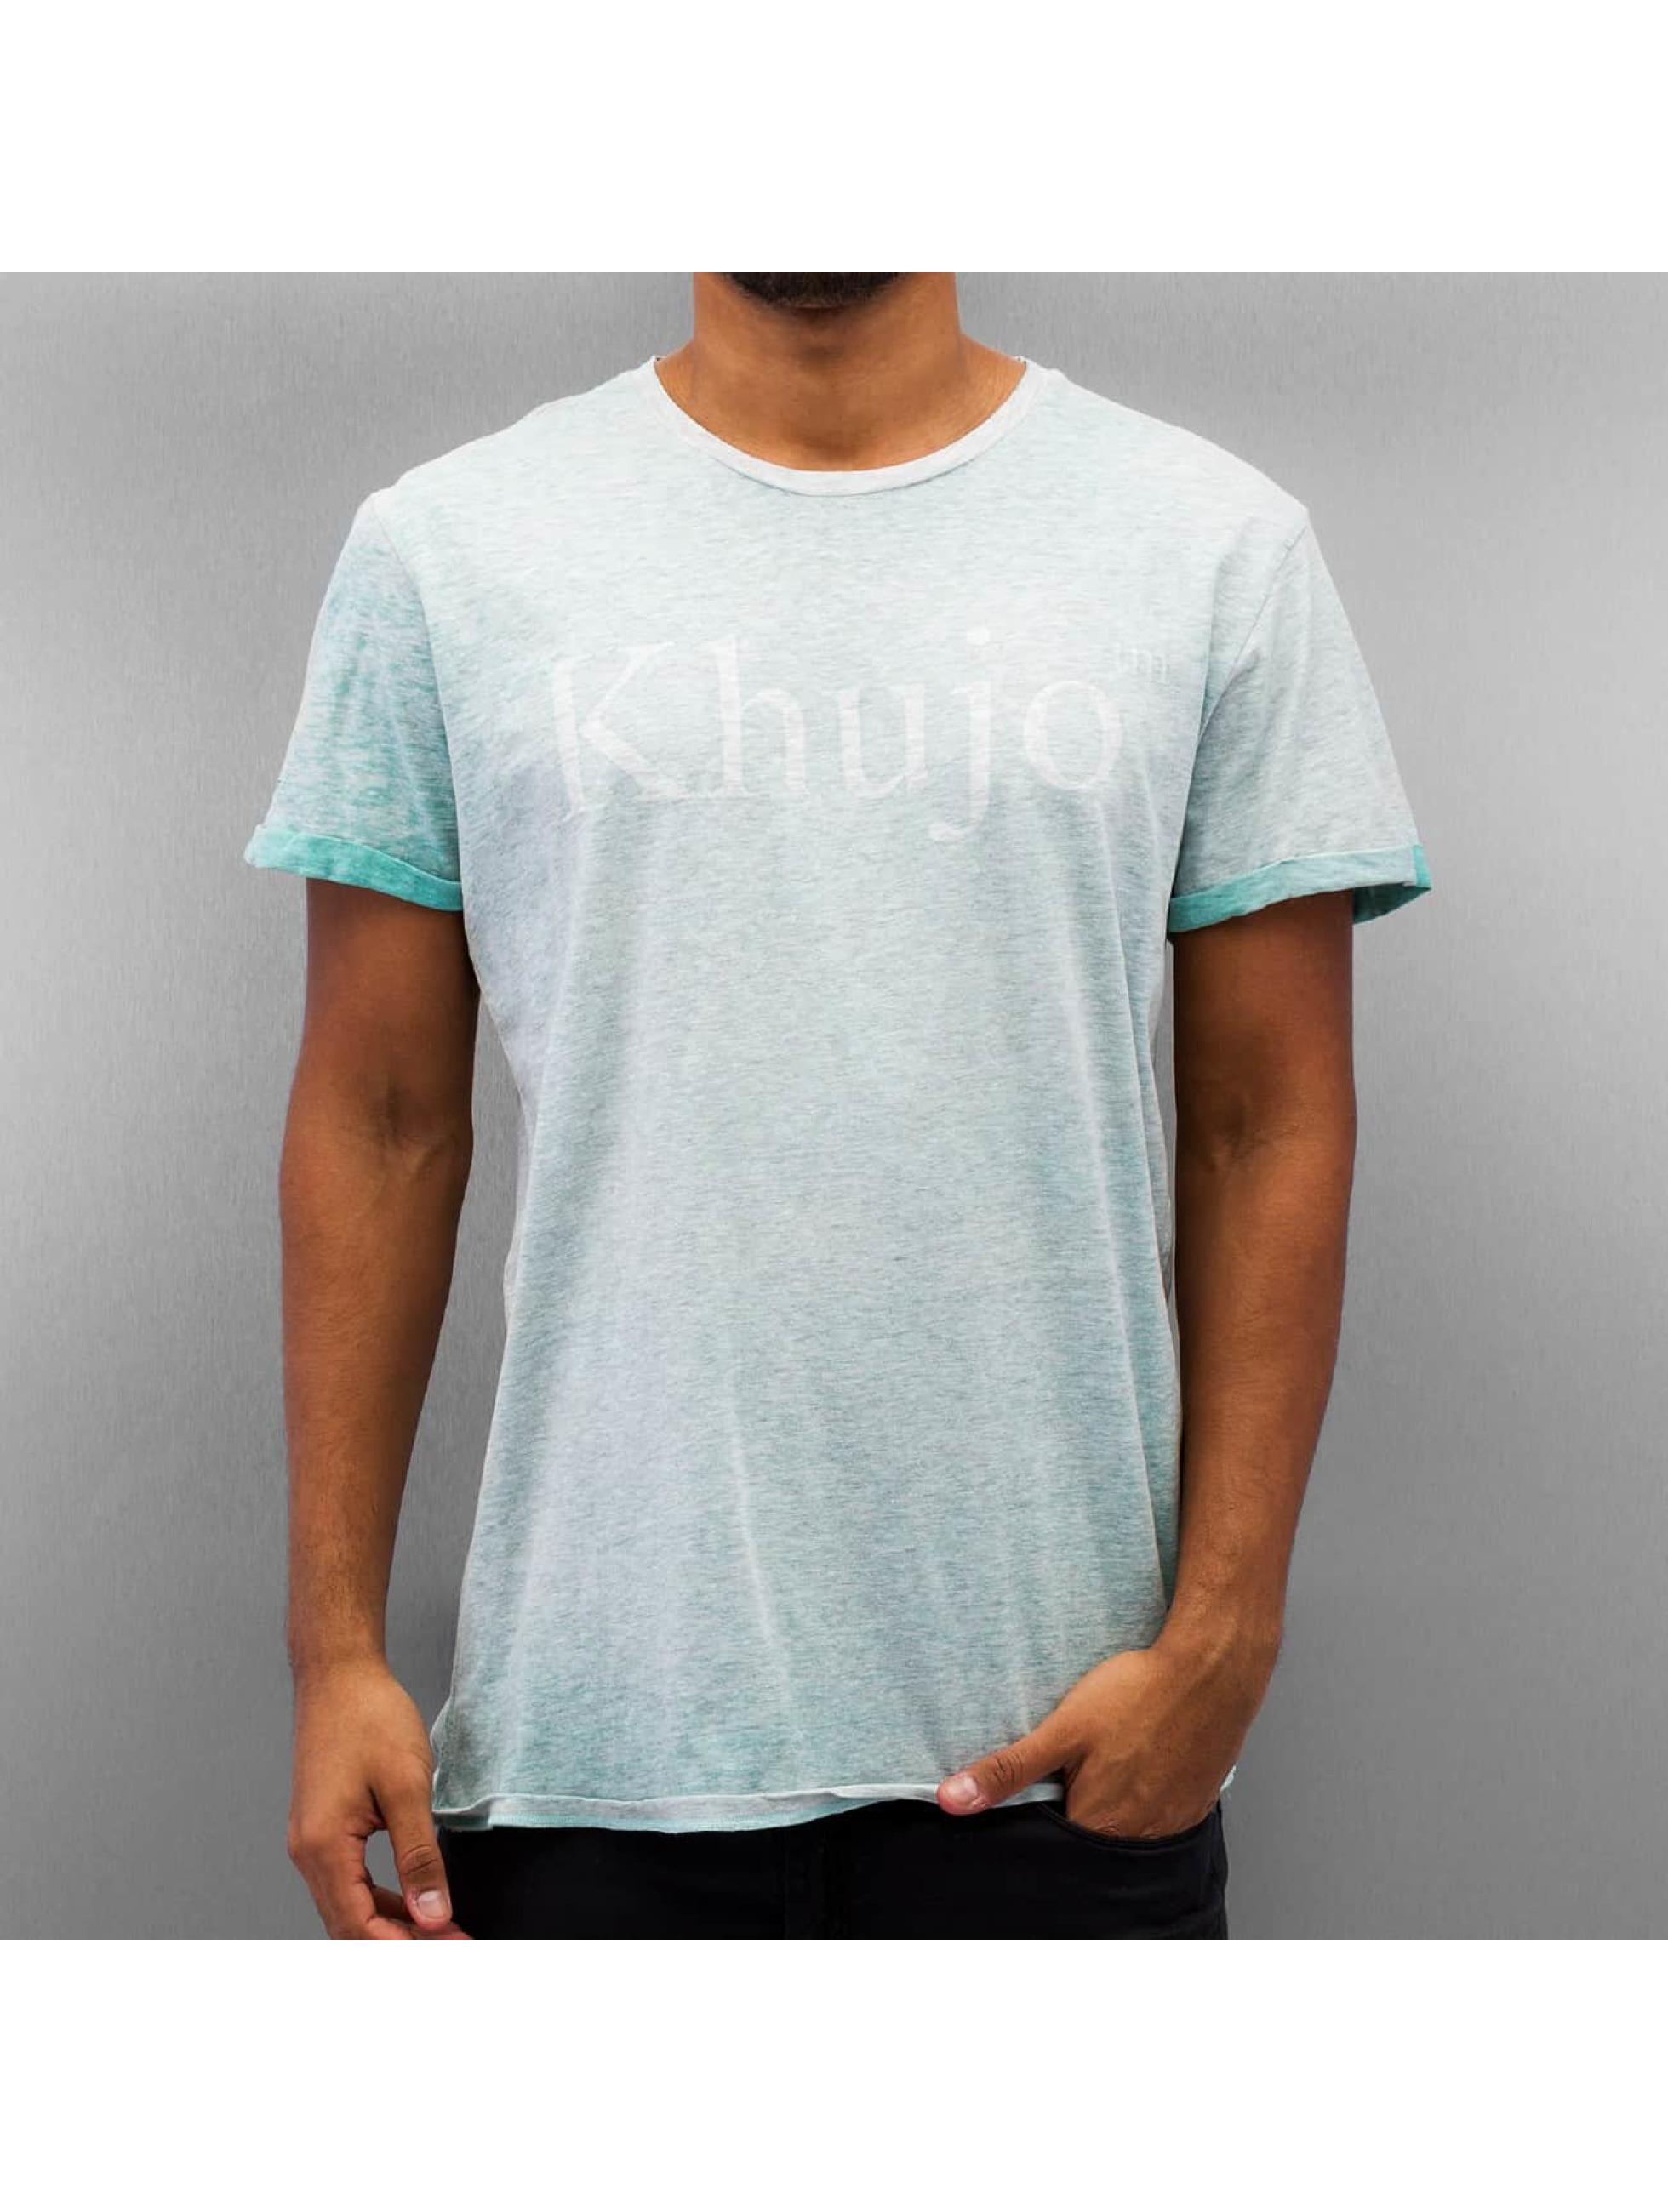 Khujo T-Shirt Treat vert